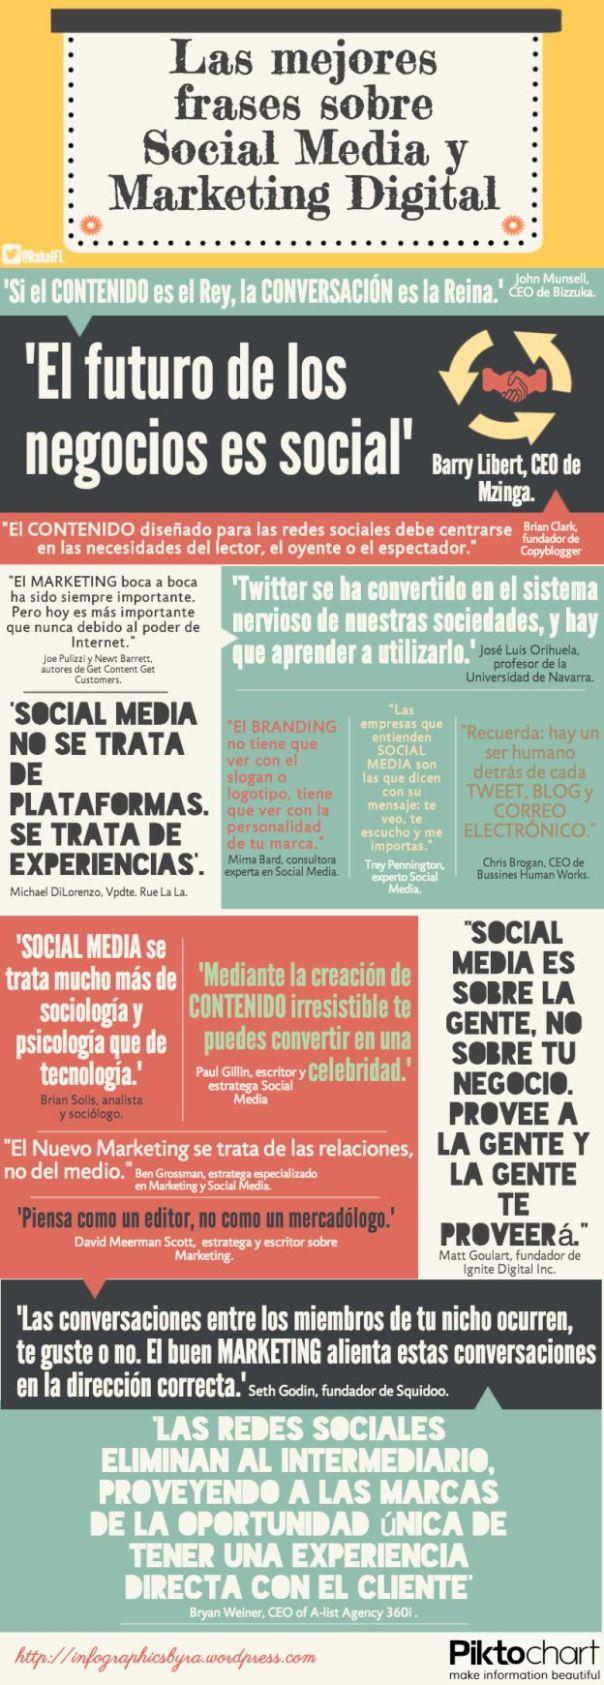 Las mejores frases de Redes Sociales